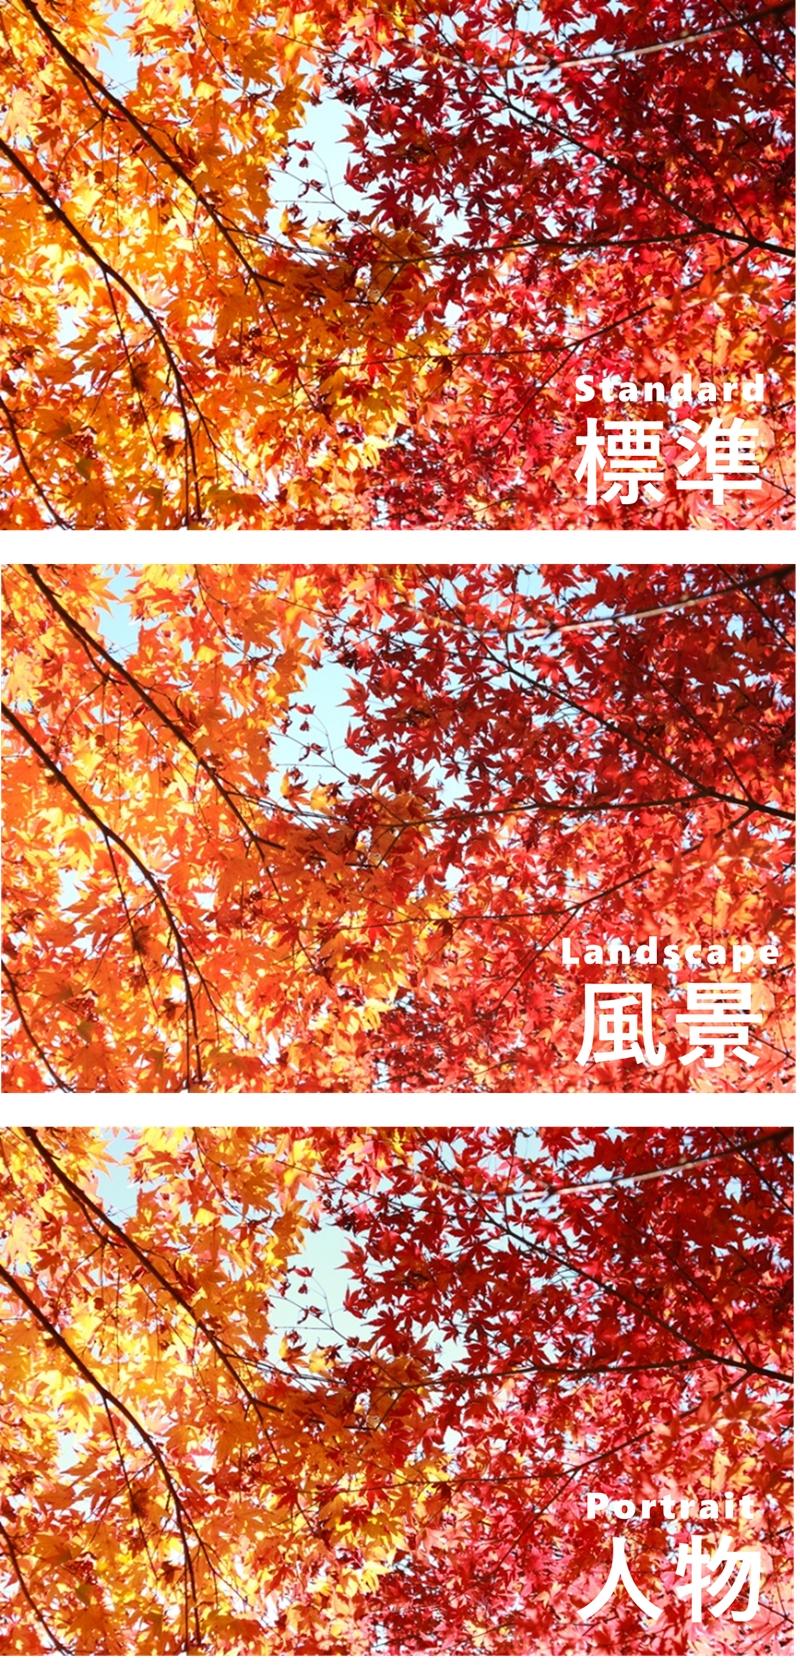 ピクチャースタイル 標準 風景 ポートレートの紅葉写真比較